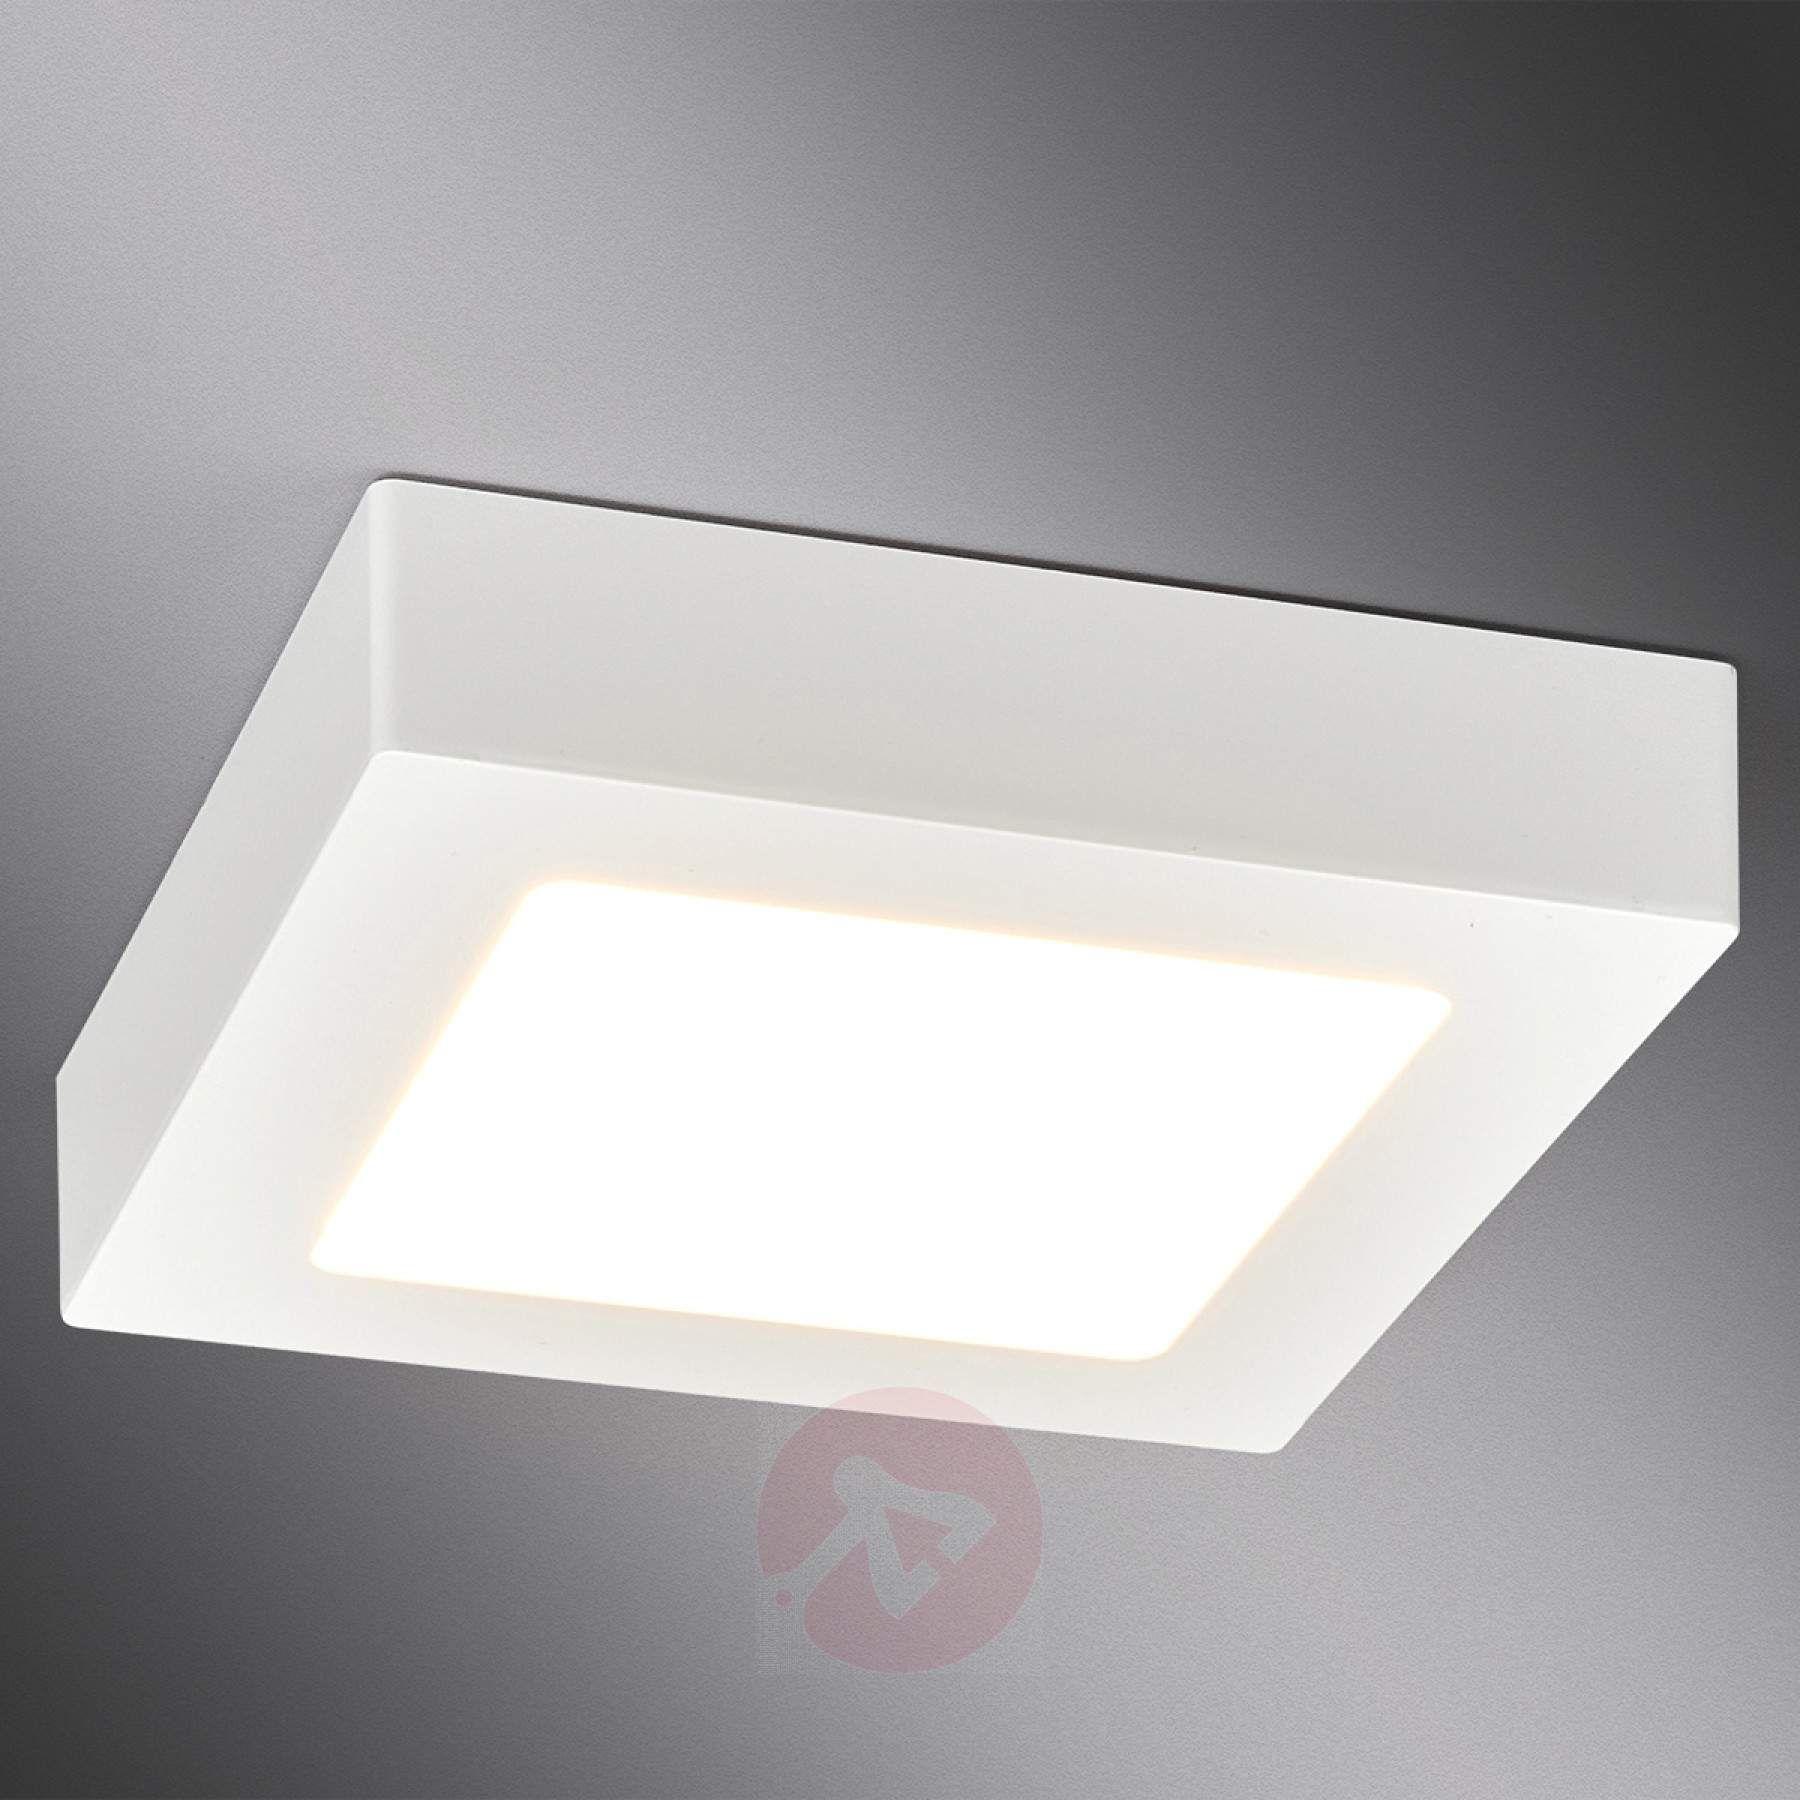 BadezimmerDeckenleuchte Rayan mit LED9978023011 (met